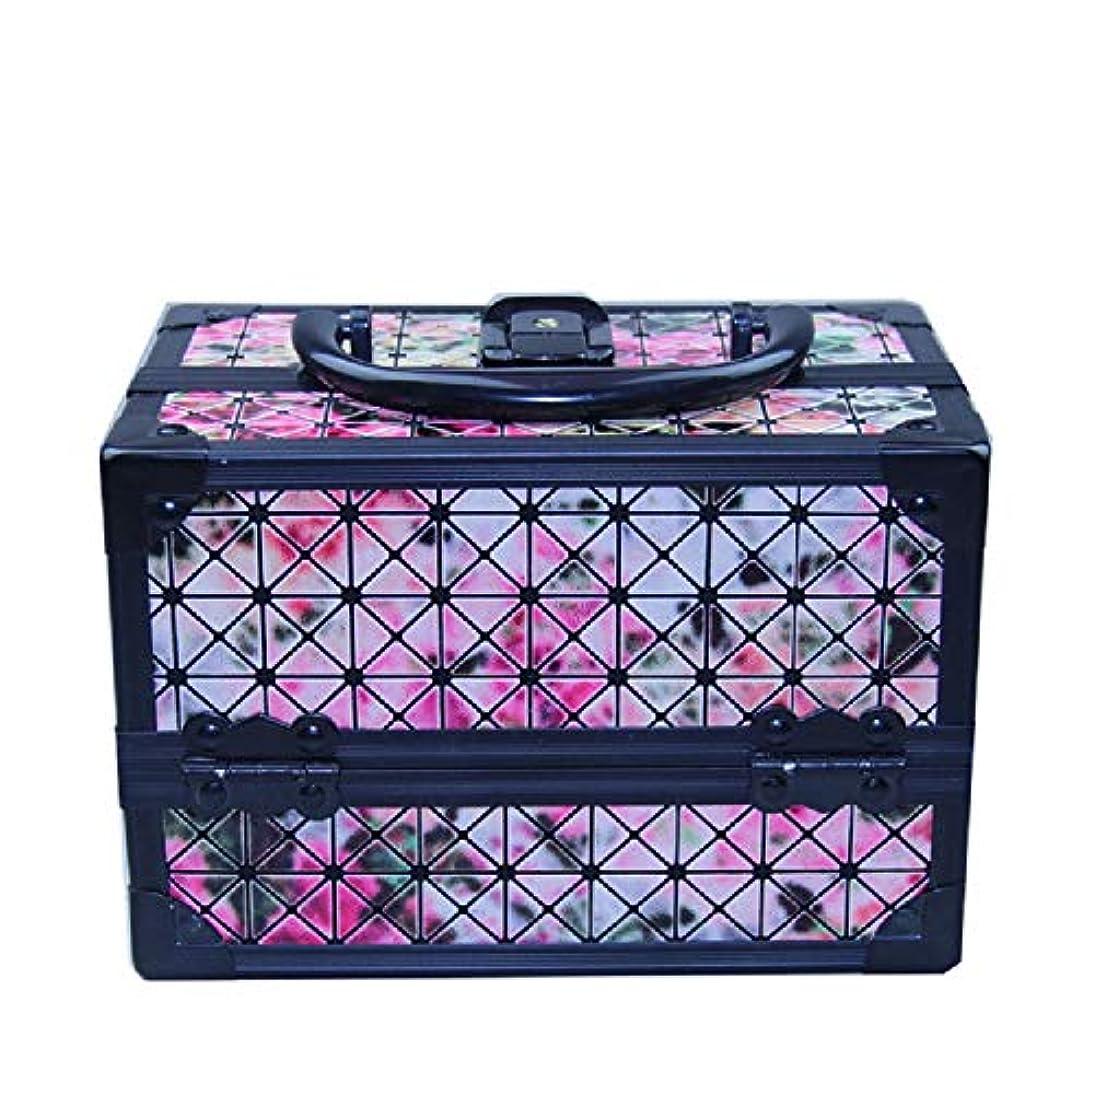 化粧オーガナイザーバッグ 美容メイクアップと女の子の女性のための光沢のあるポータブル化粧ケースケースとロックとトレイ付きの毎日の保管 化粧品ケース